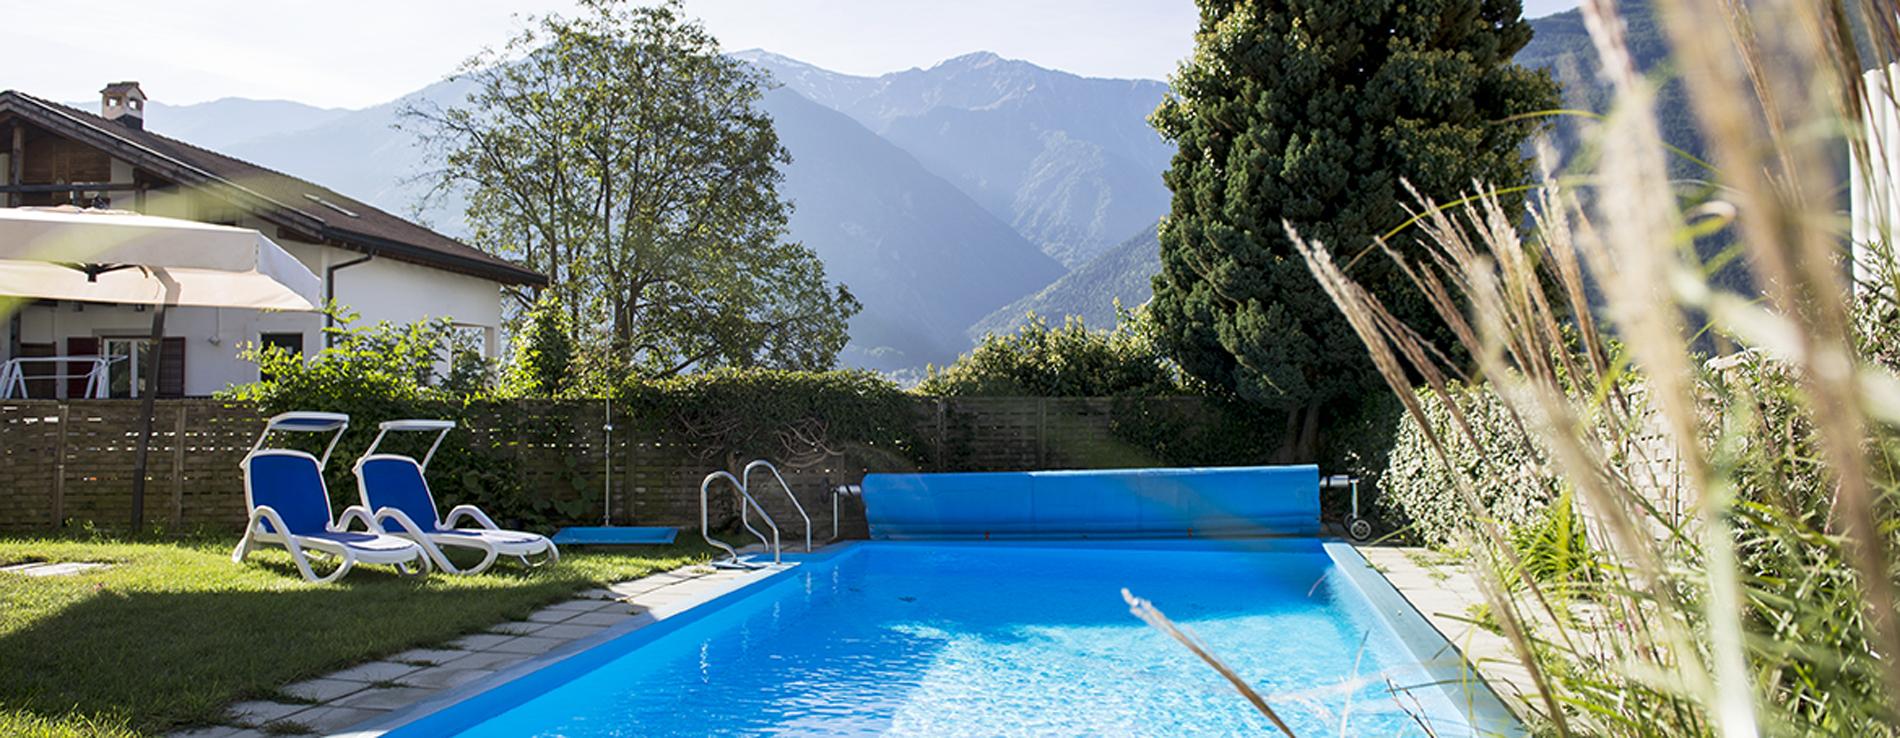 Pension-mit-Schwimmbad-Vinschgau